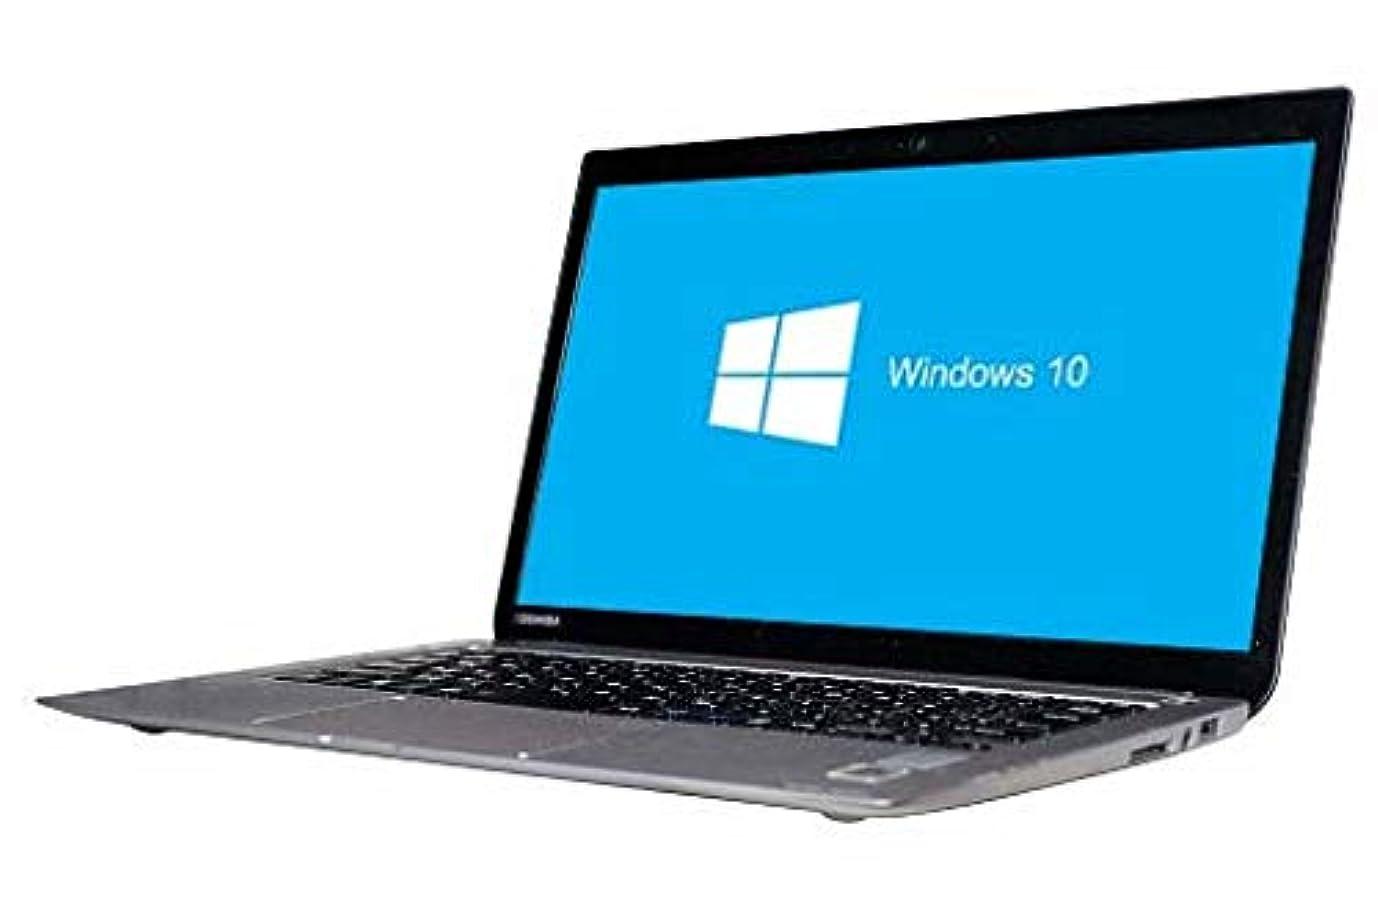 プット汚染理想的には中古 東芝 ノートパソコン Dynabook KIRA V63/TS Windows10 64bit搭載 Core i5-5200U搭載 メモリー8GB搭載 SSD128GB搭載 W-LAN搭載 HDMI端子搭載